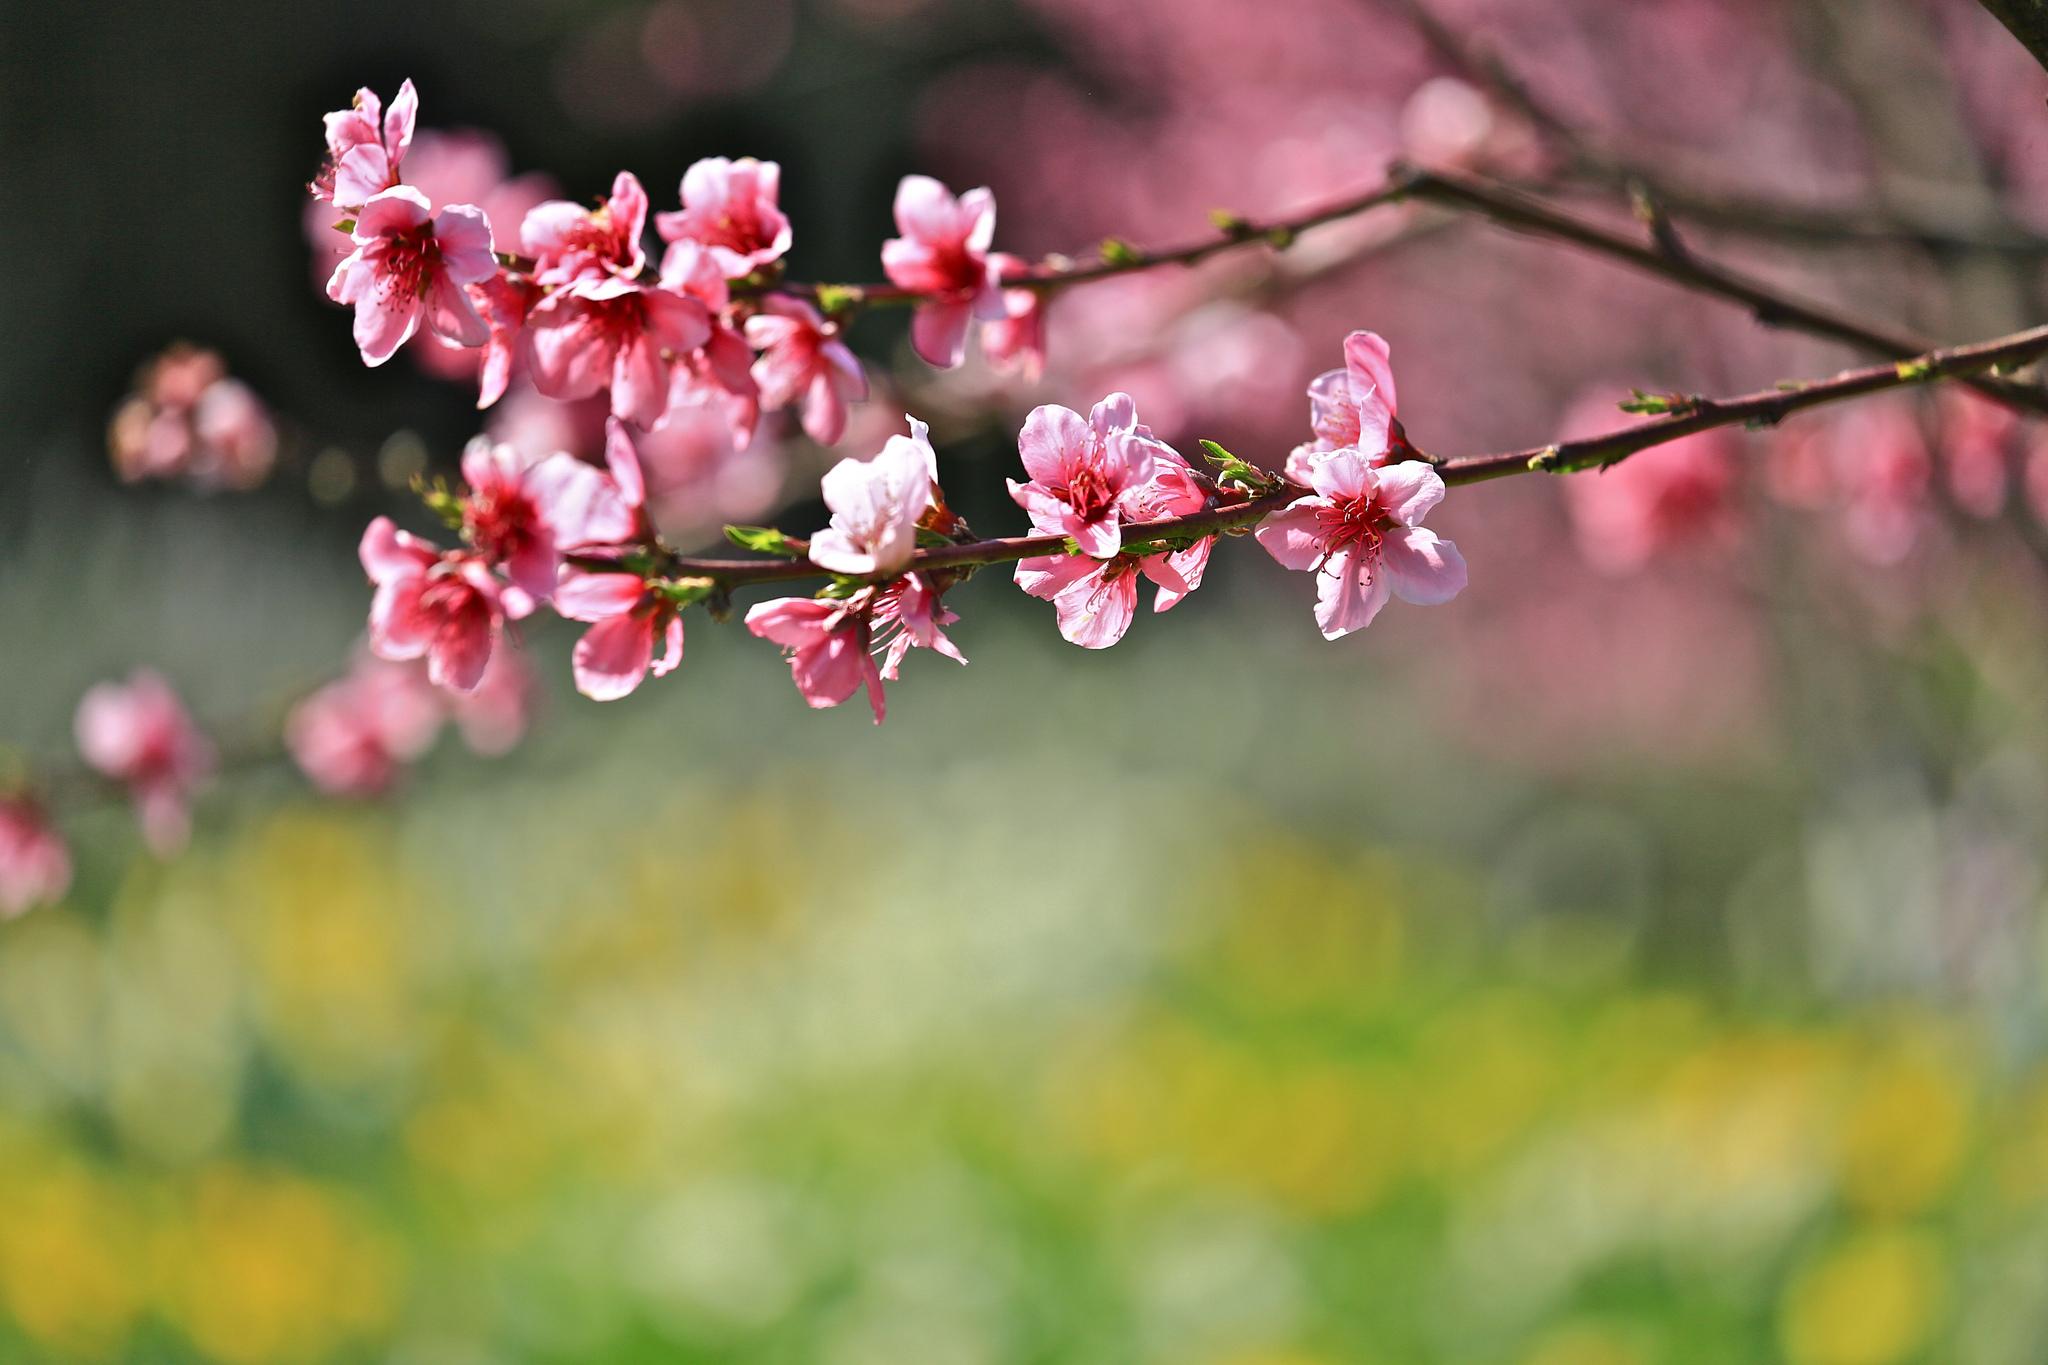 Картинка весна горизонтальная